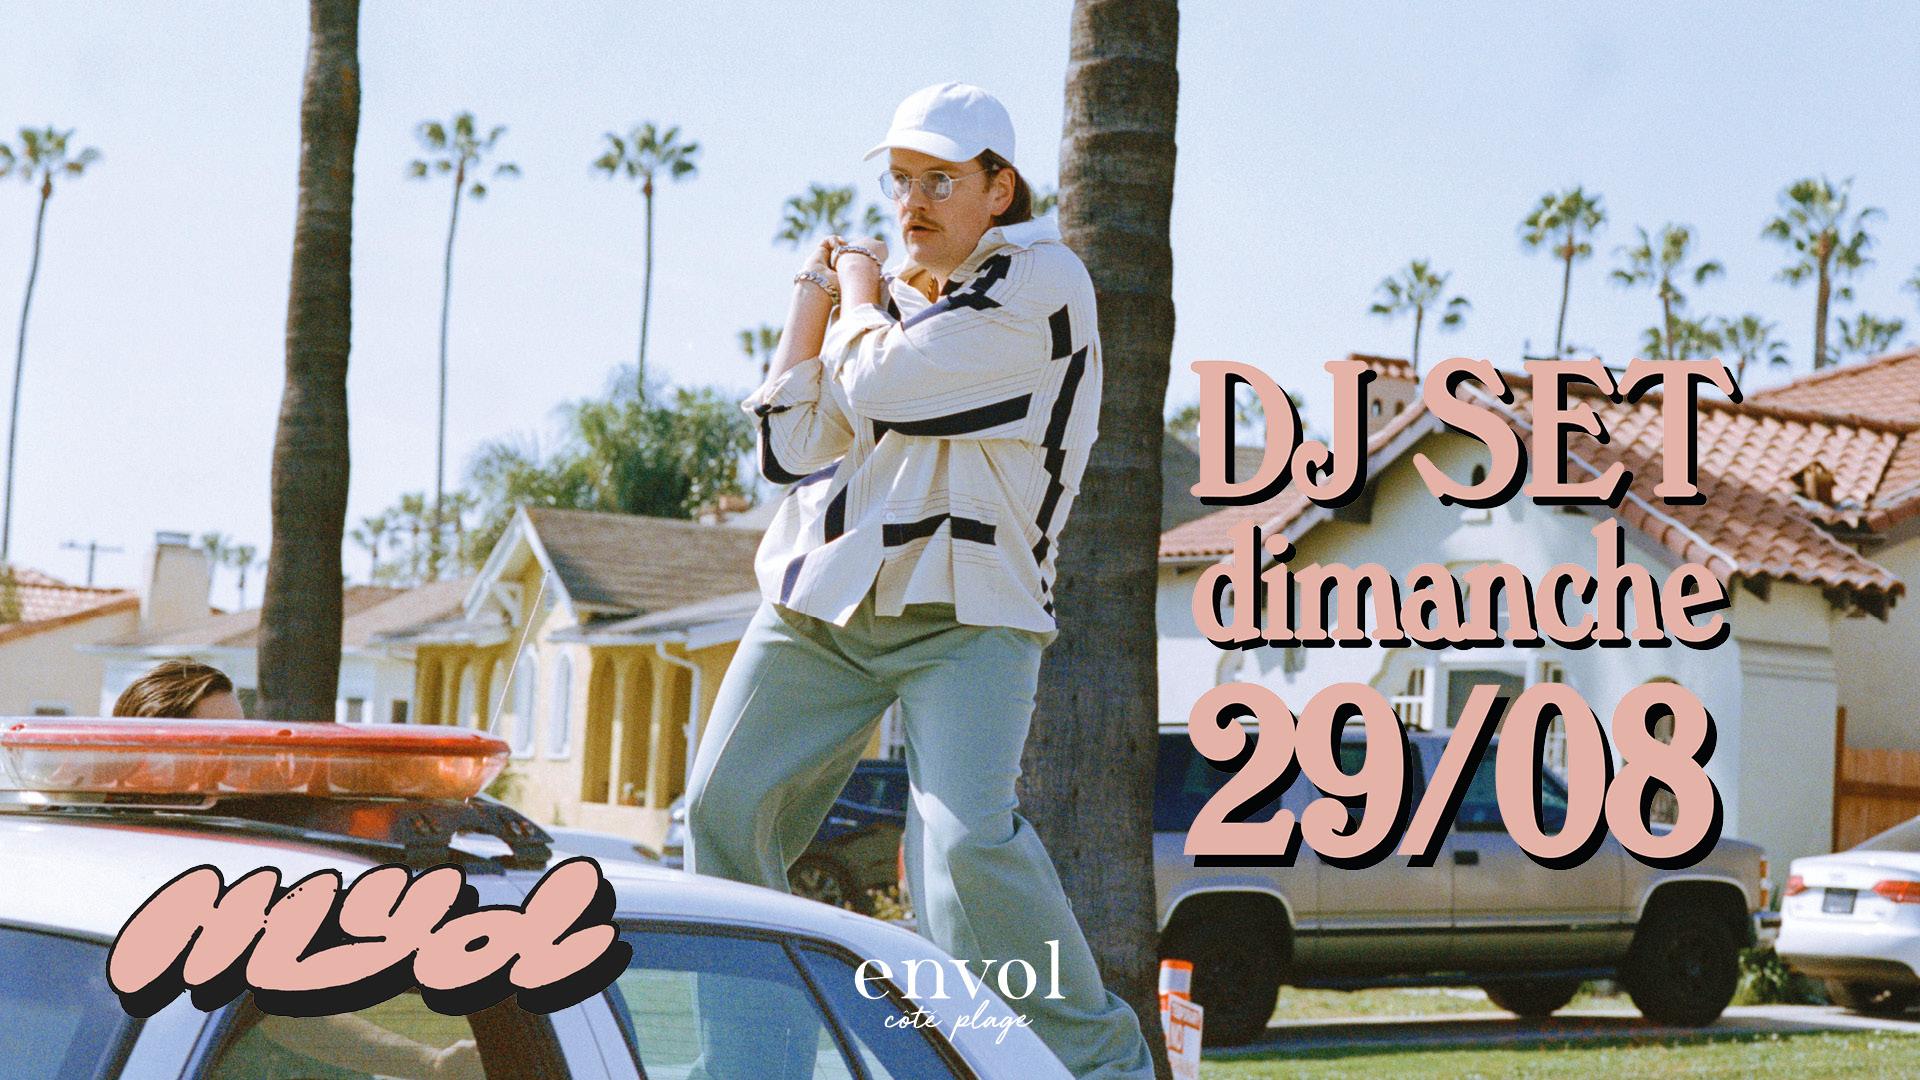 MYD (DJ Set) @ l'Envol Côté Plage (29/08)